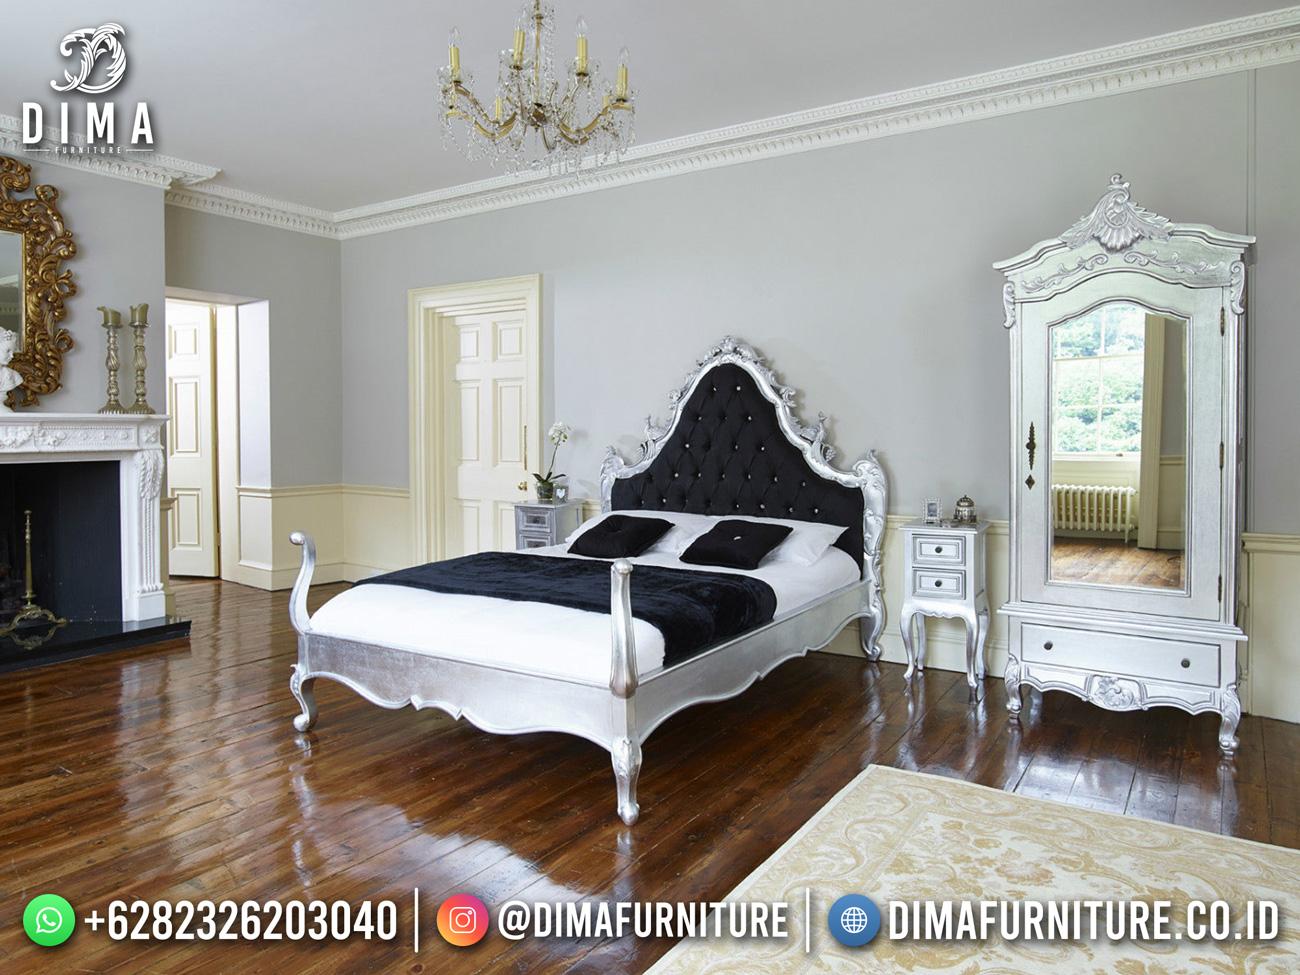 Jual Tempat Tidur Mewah Klasik Jepara Luxury Carving DF-1585